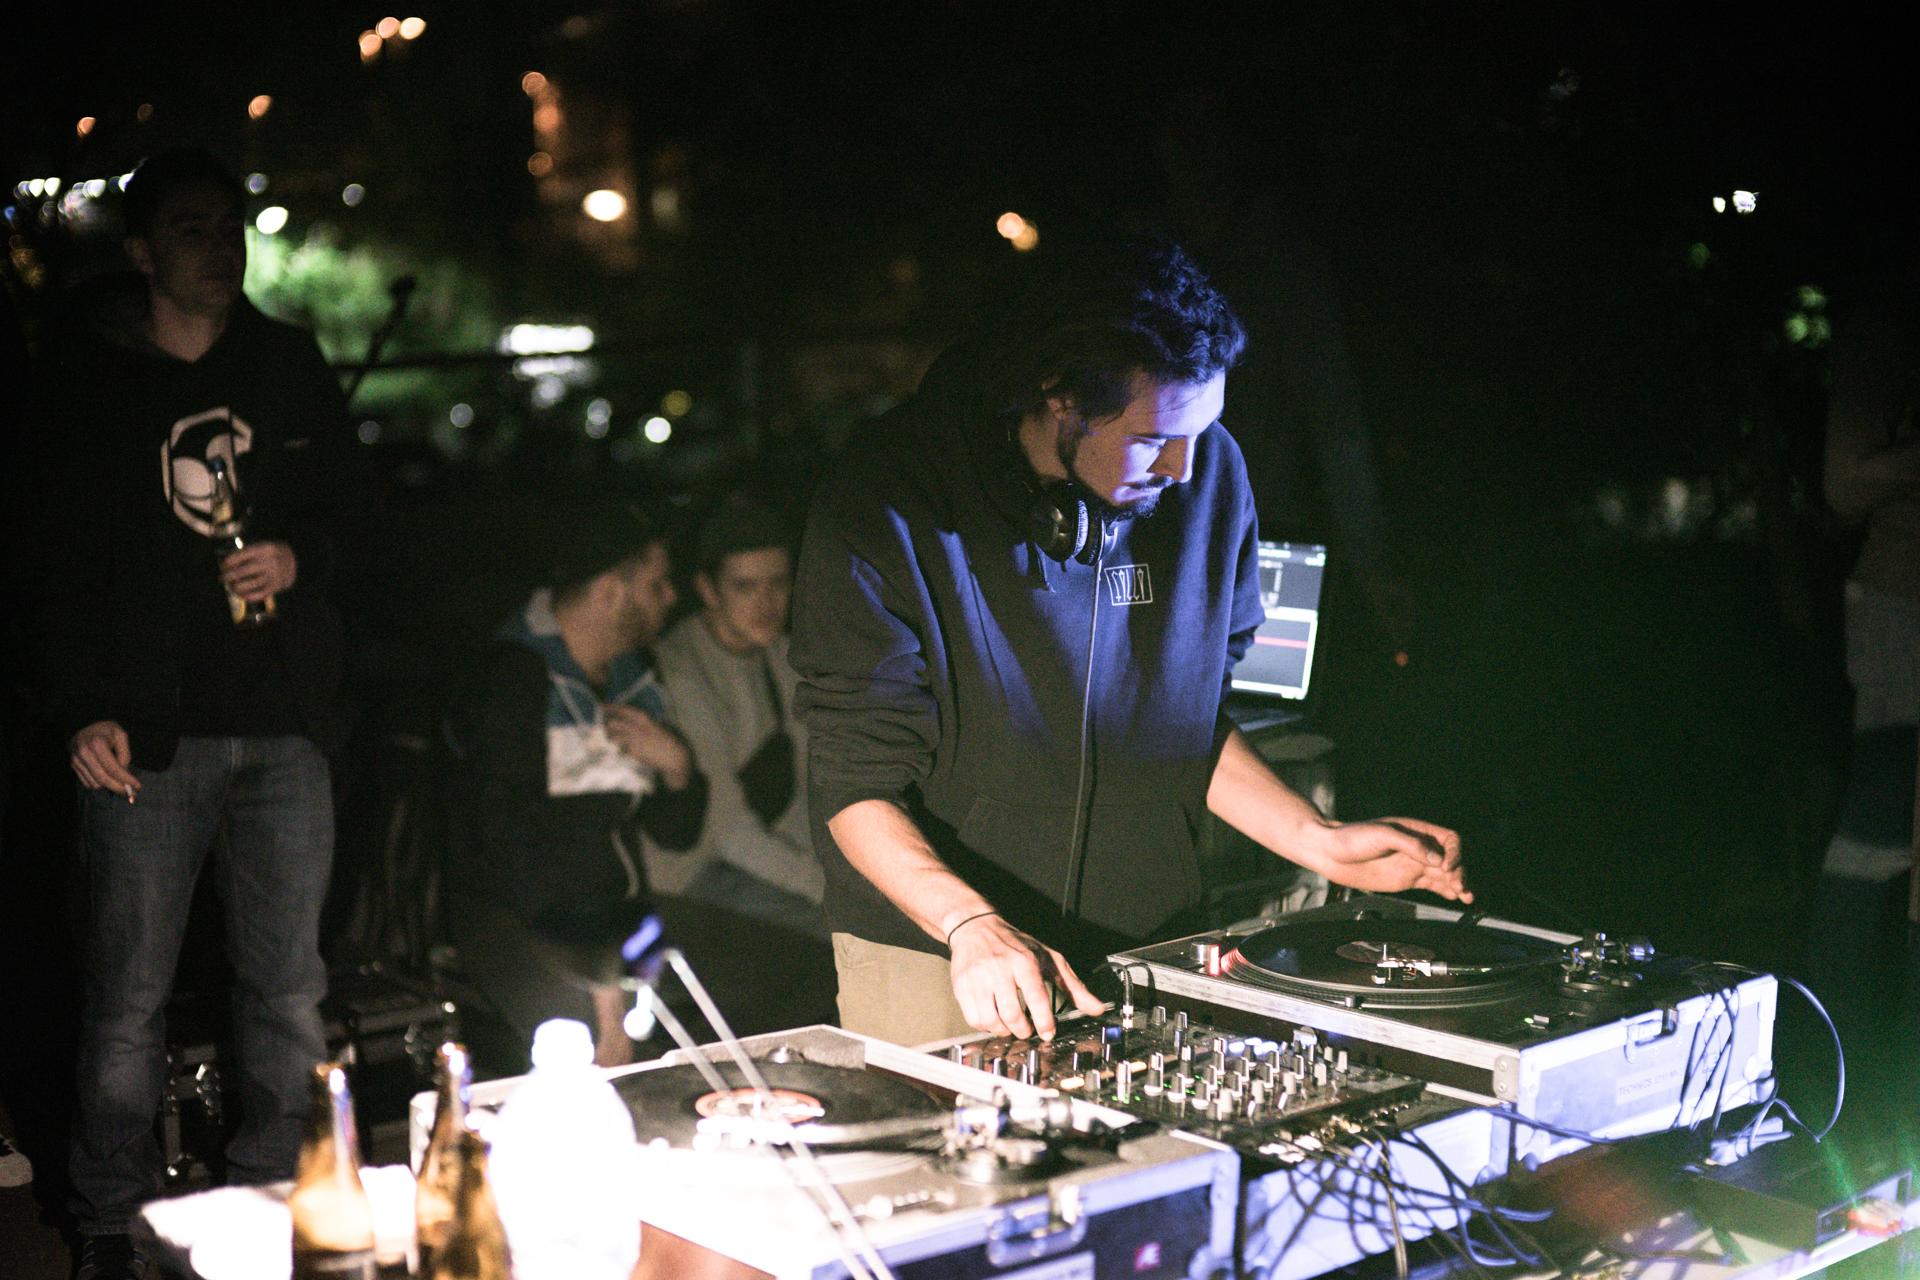 DJ Dookie